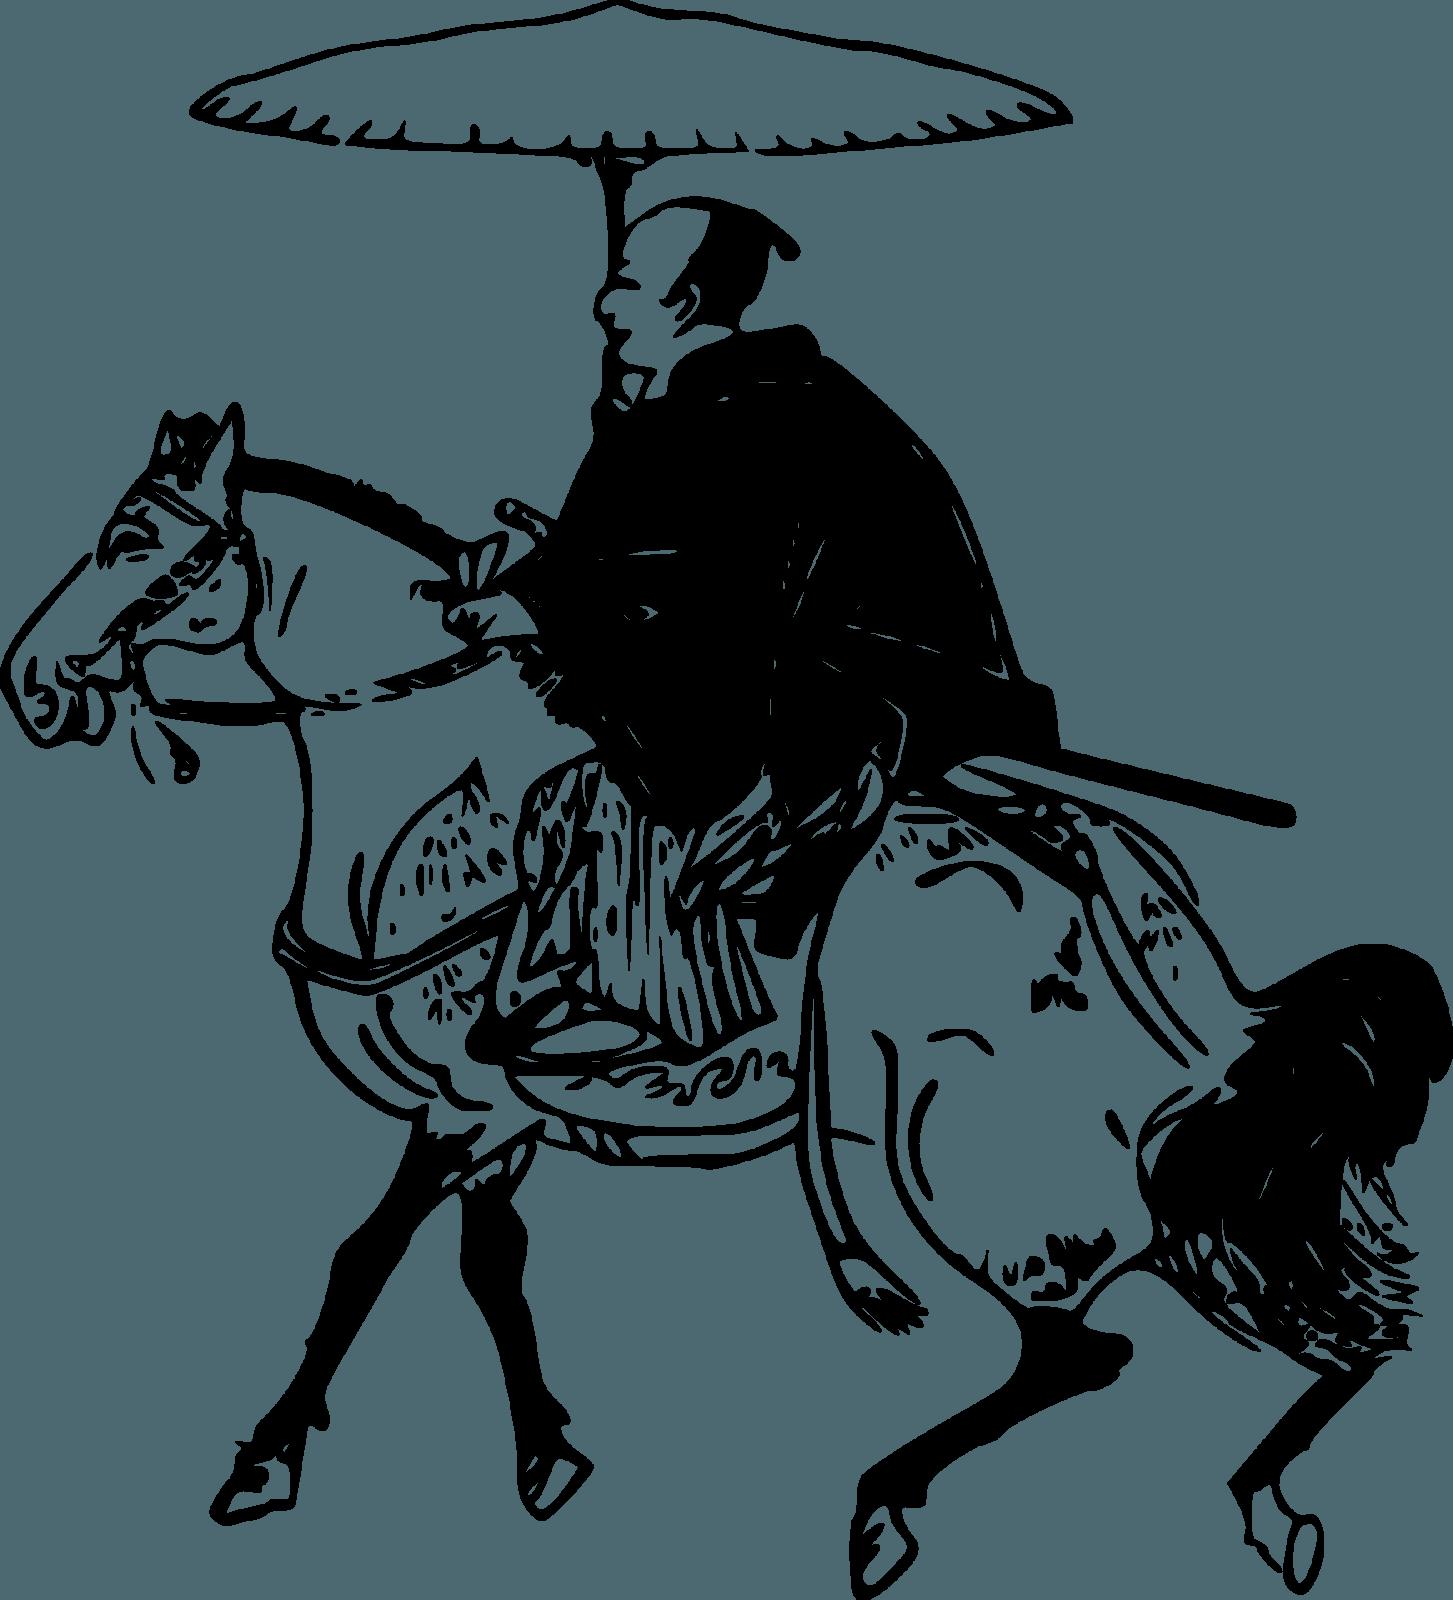 yasuke a black samurai